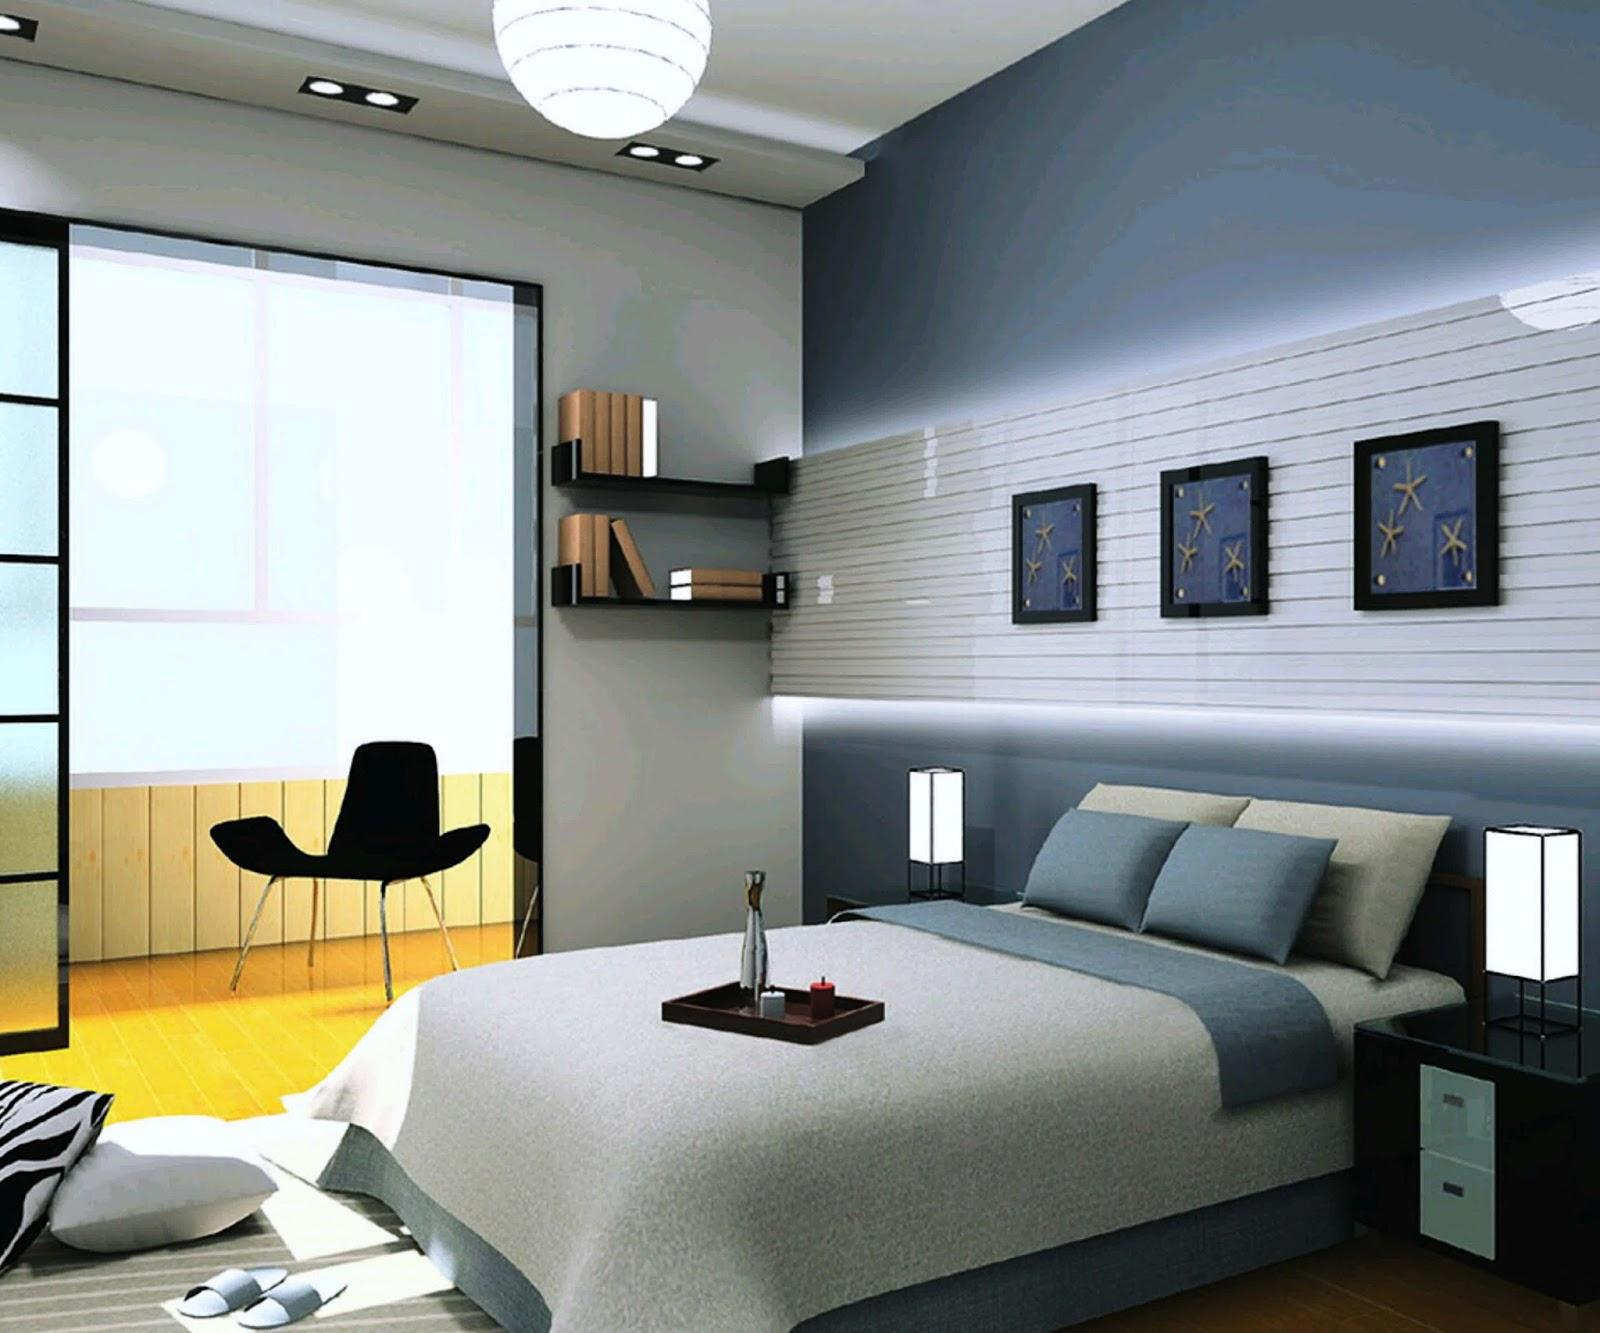 Desain Kamar Tidur Minimalis Bertingkat | Desain Rumah